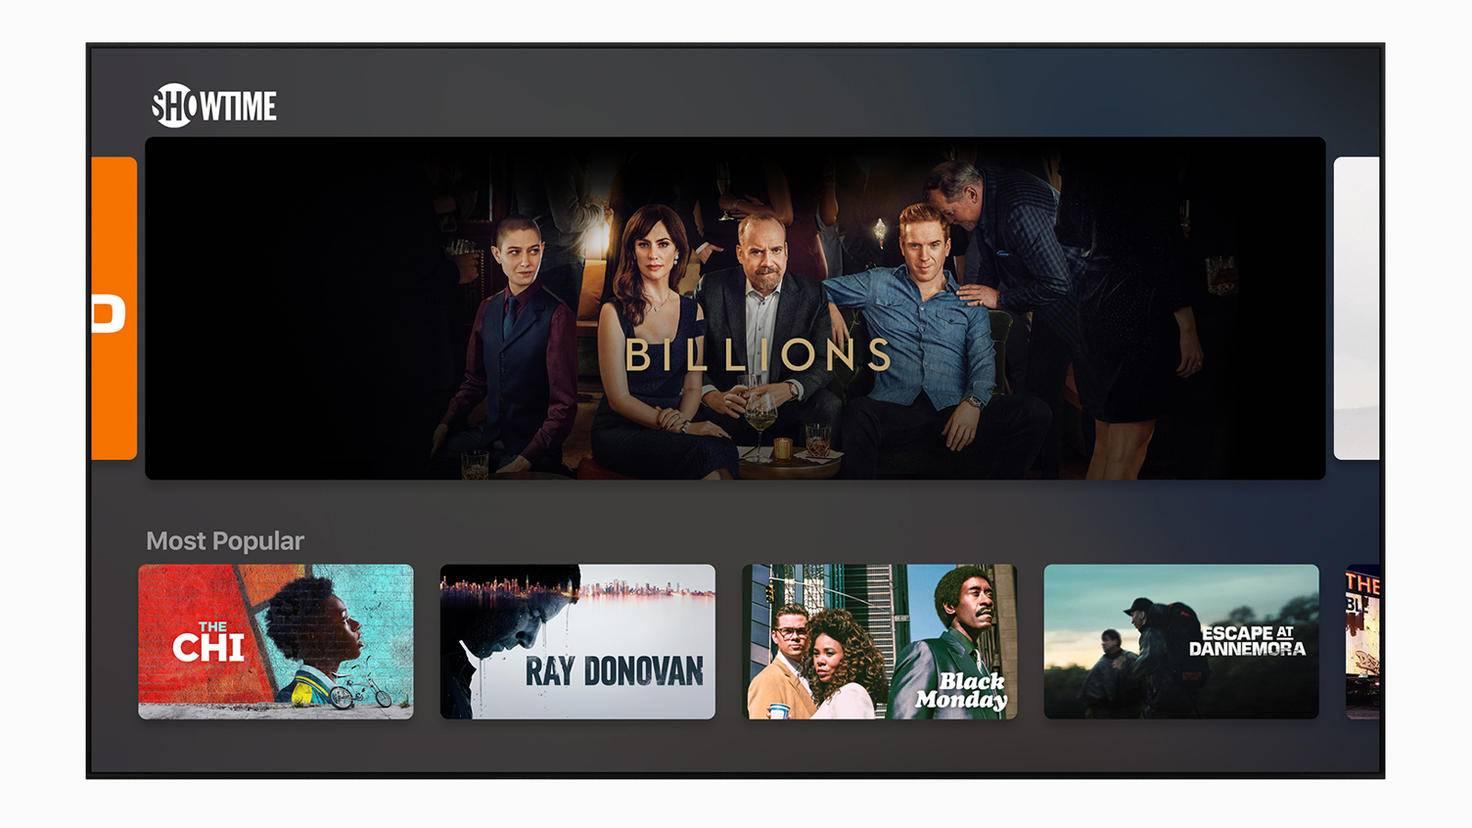 Über die neuen TV Channels können auch individuelle Sender abonniert werden.